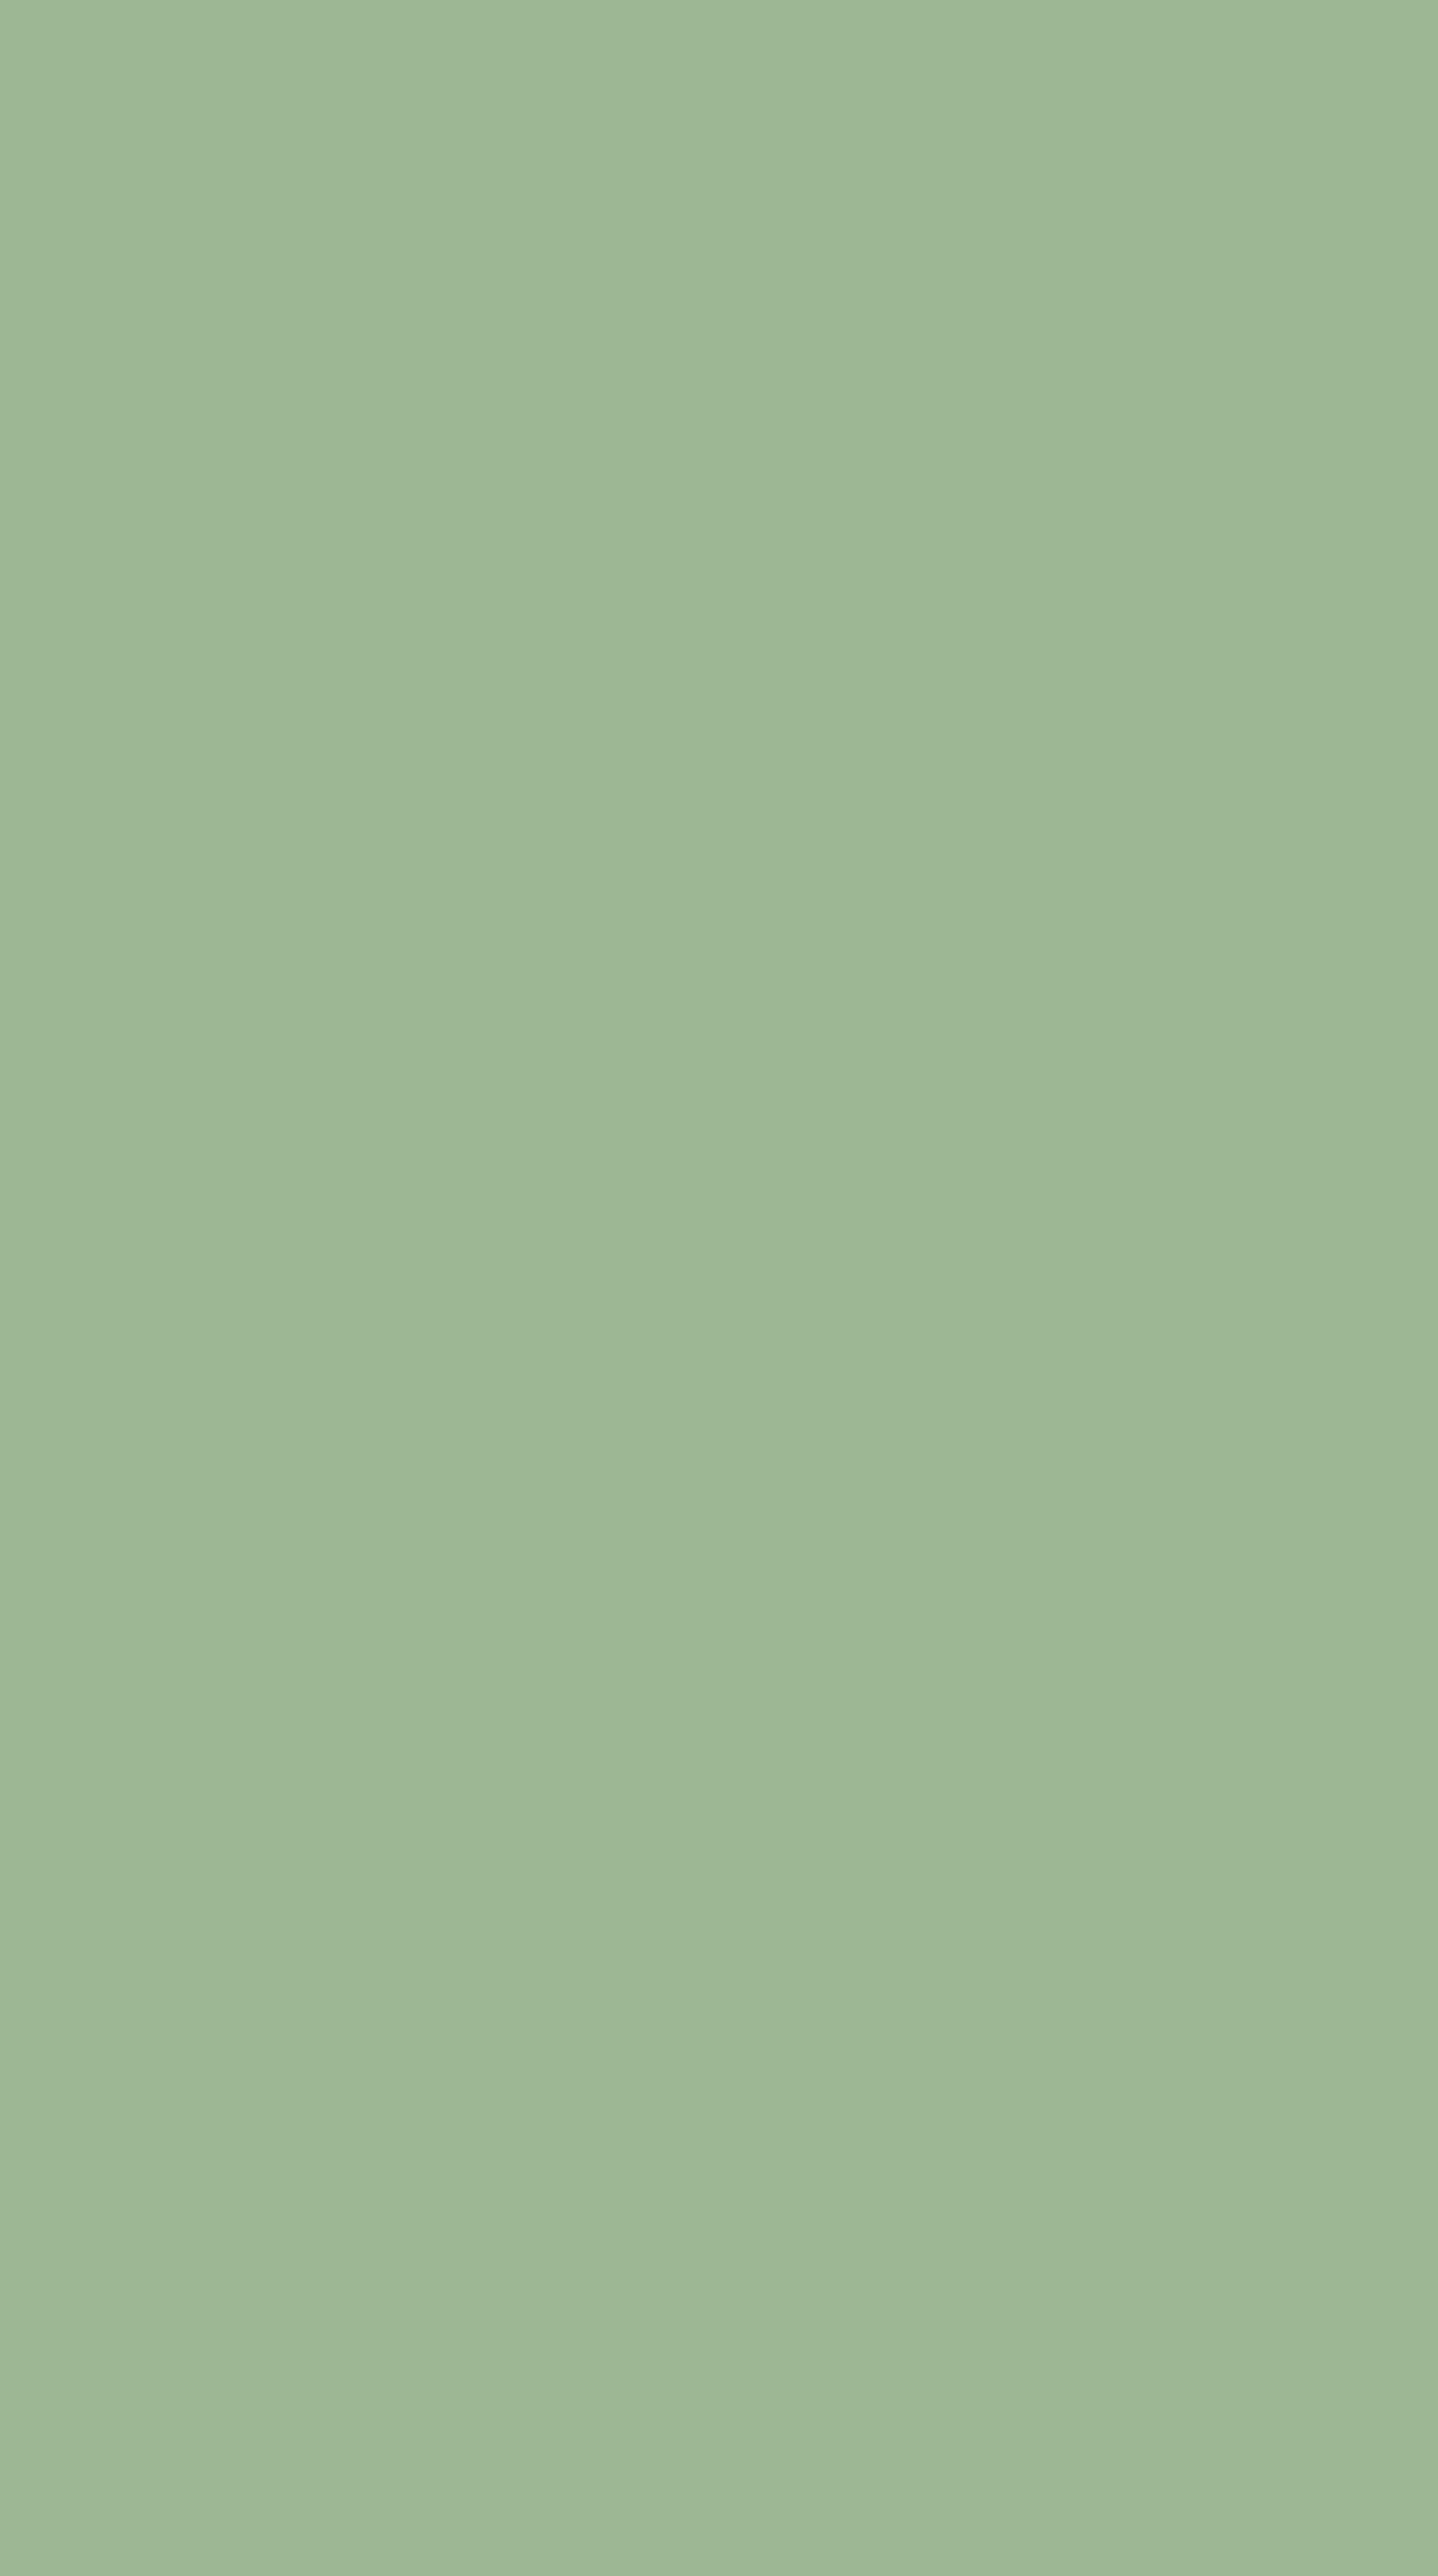 EcceMulier_ColorPalette-06.jpg